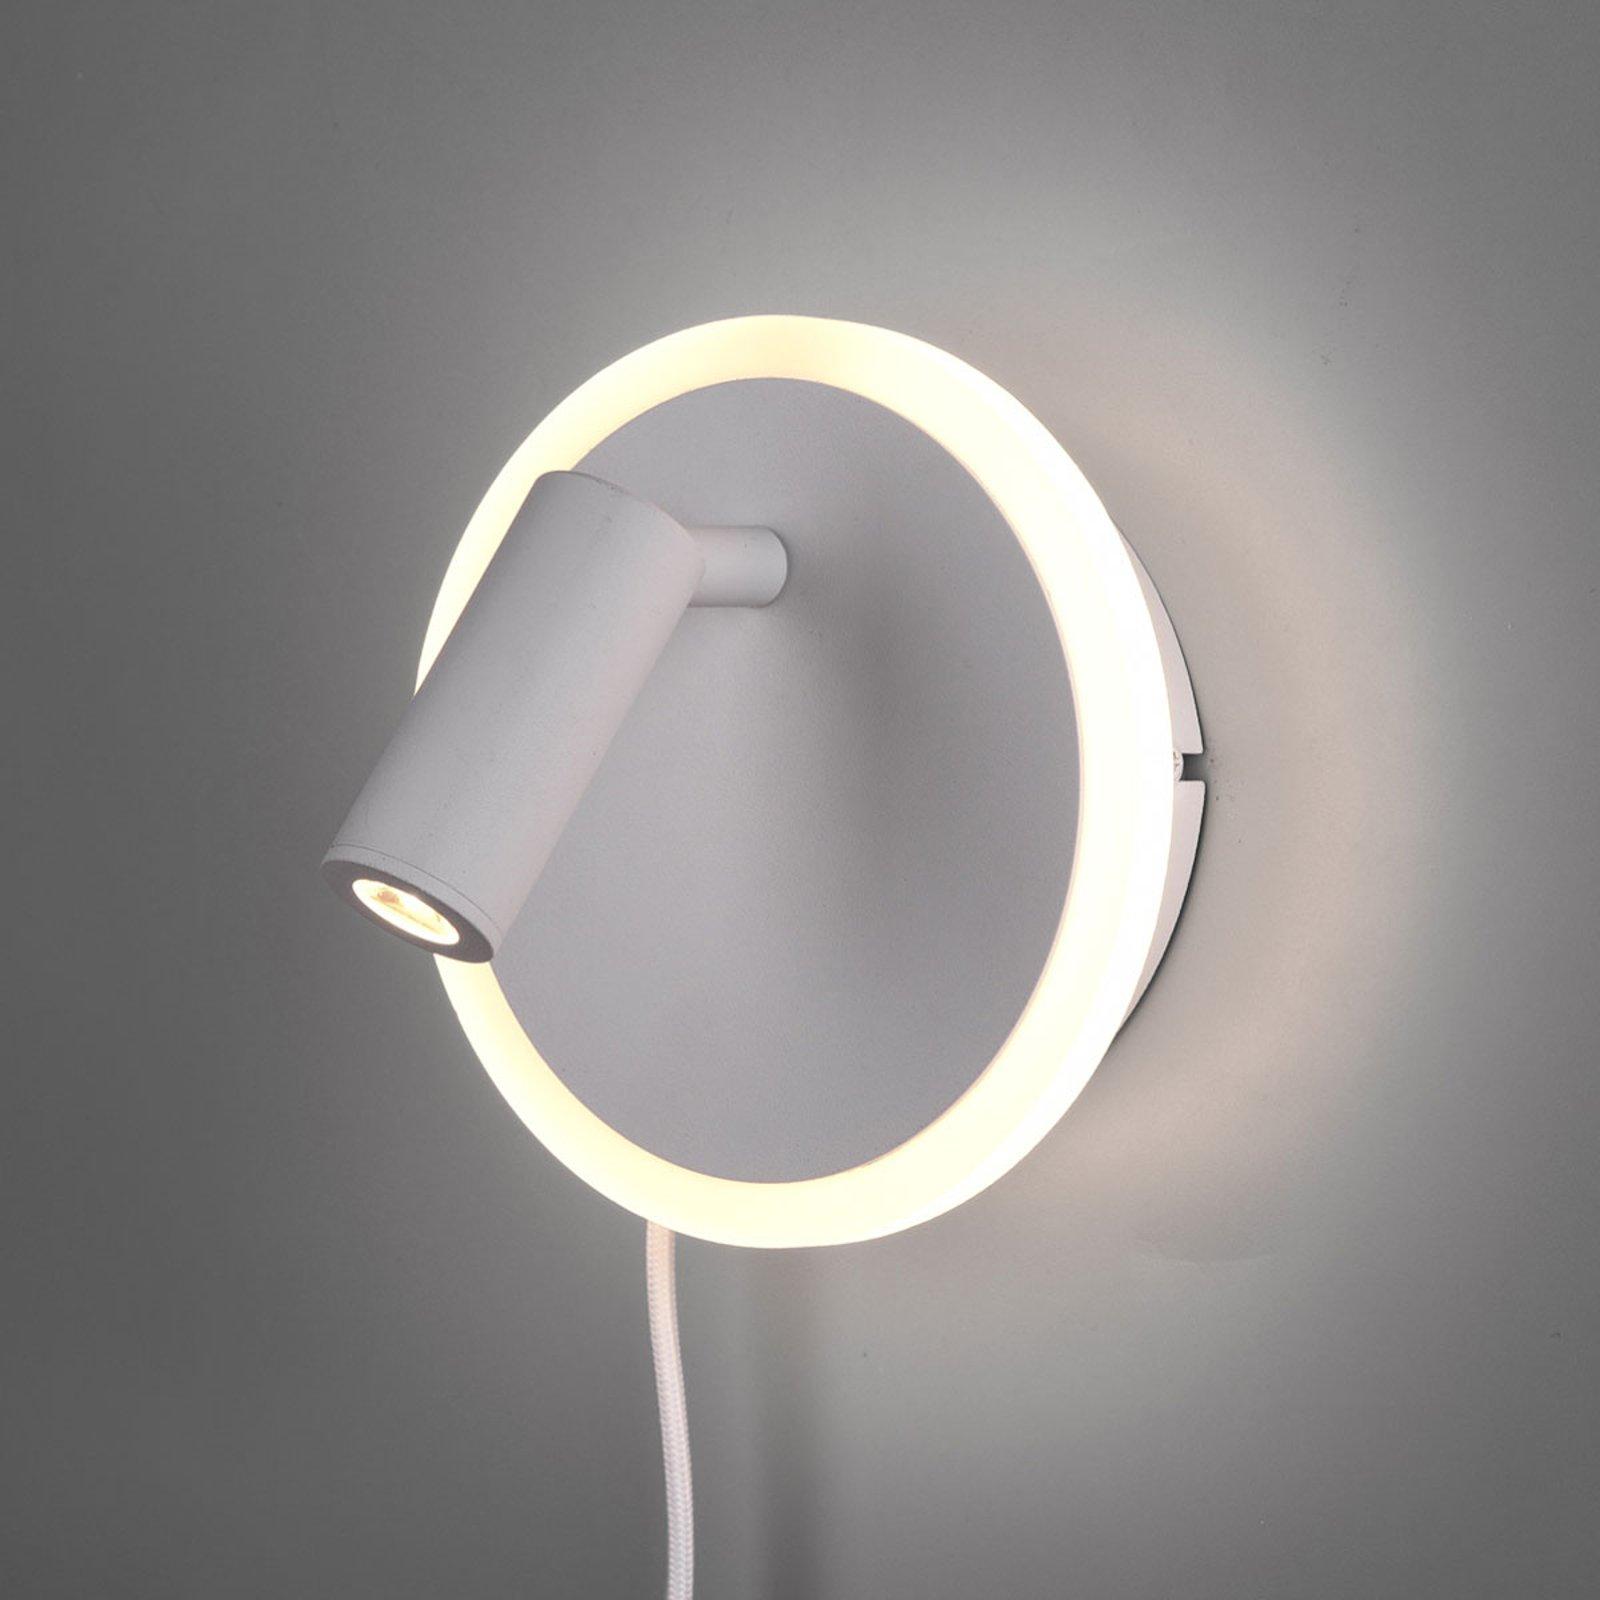 LED-vegglampe Jordan, 2 lyskilder, hvit